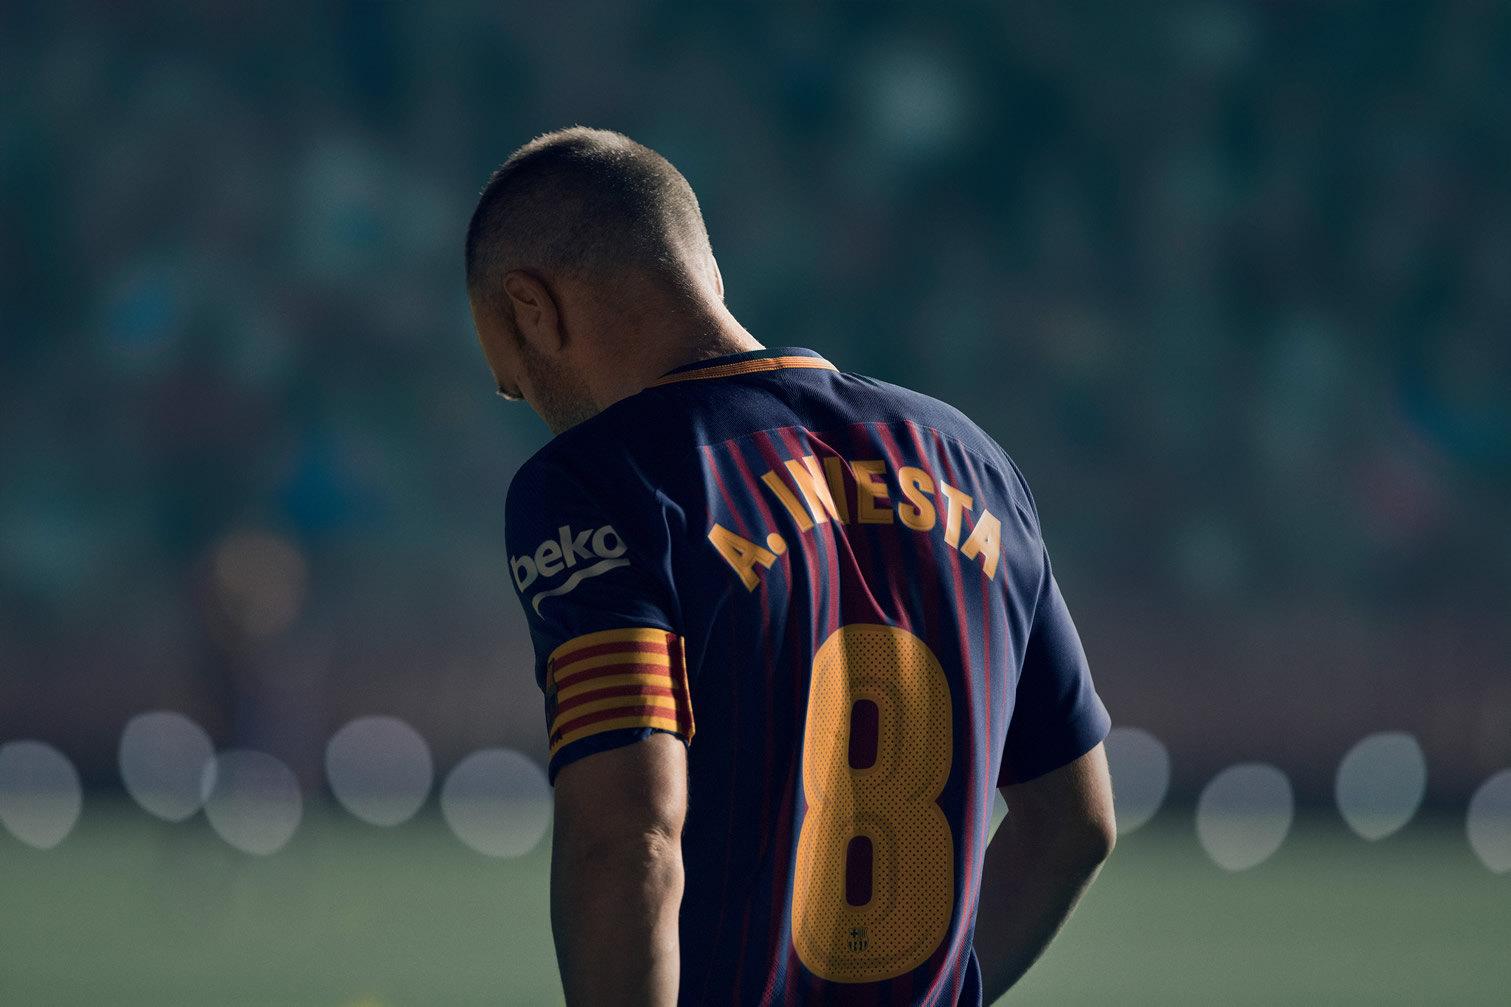 Iniesta es uno de los protagonistas del film | Foto Nike